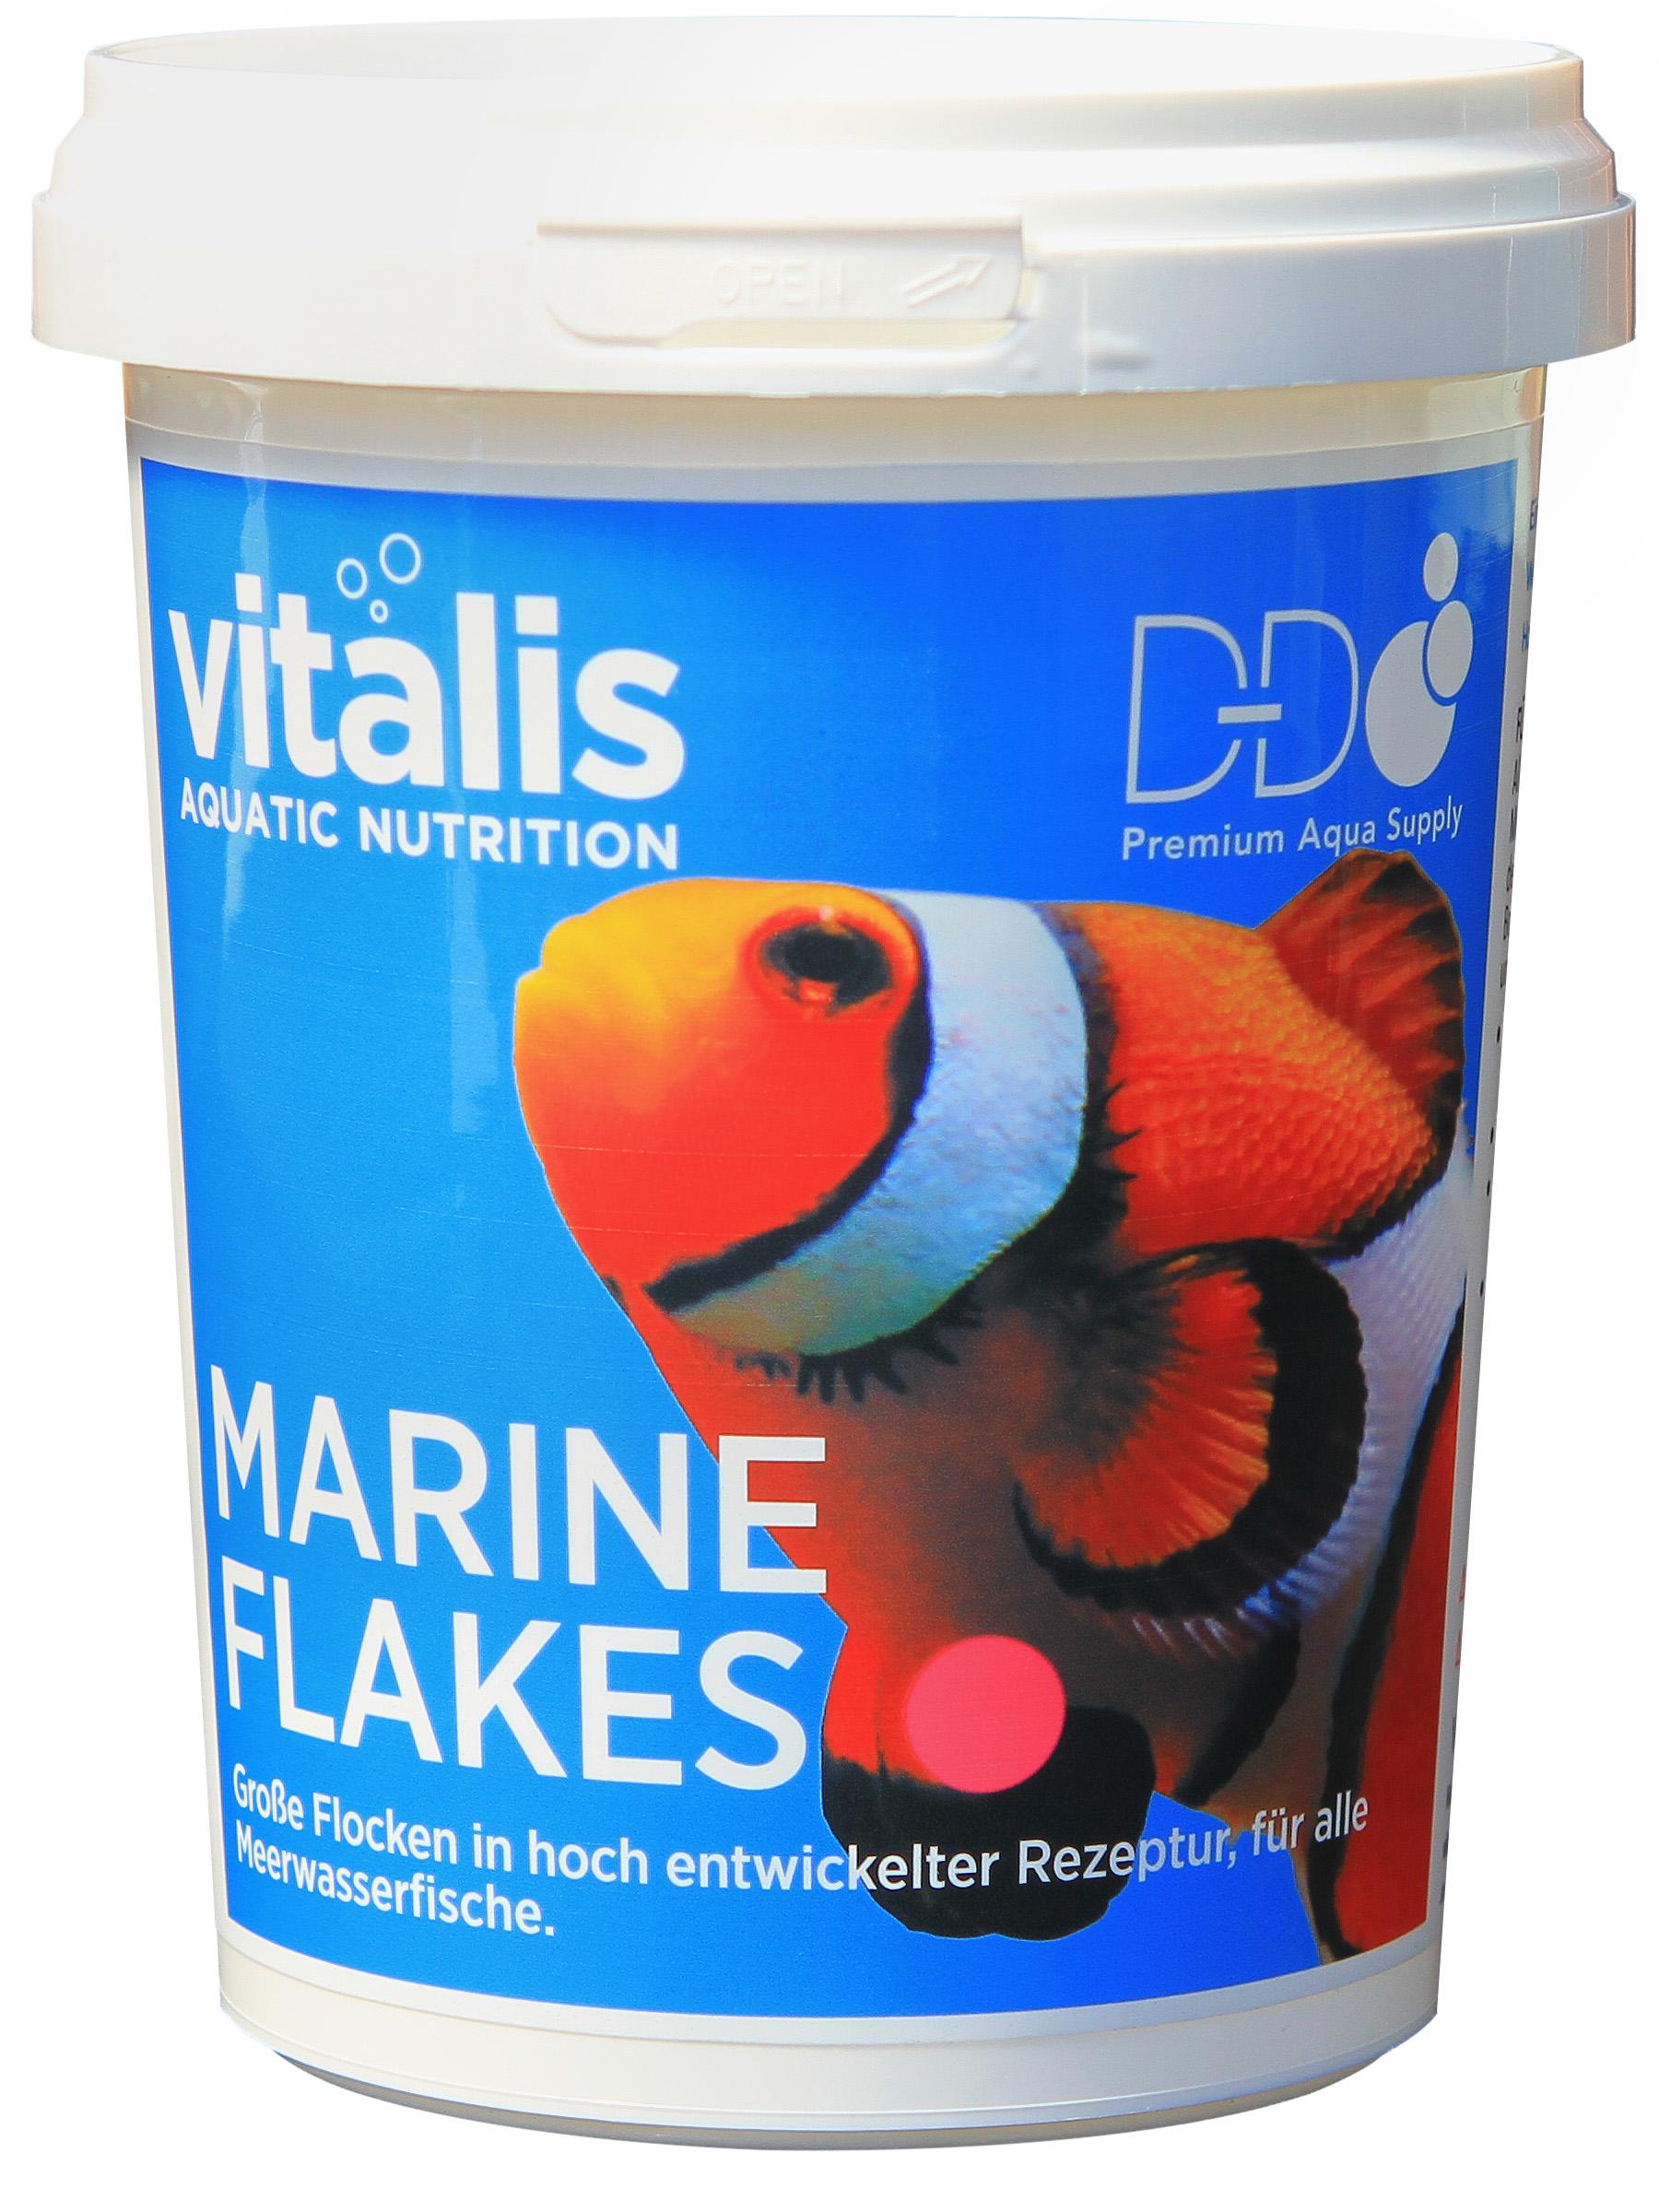 Vitalis Marine Flakes Flockenfutter